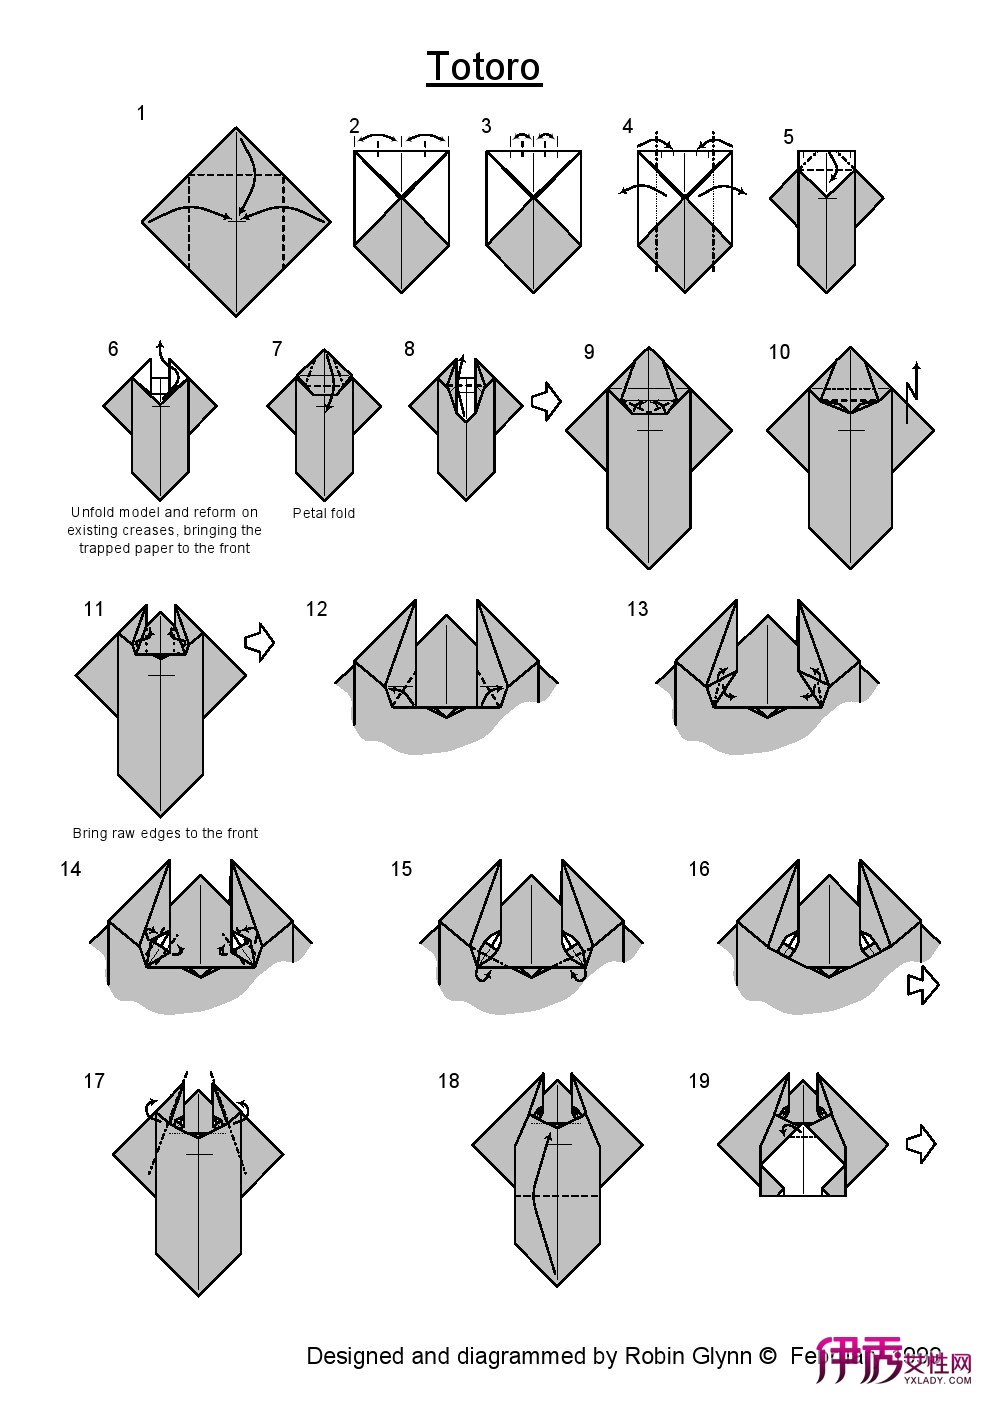 龙猫的折纸方法图解  看过宫崎骏龙猫这部动画的人